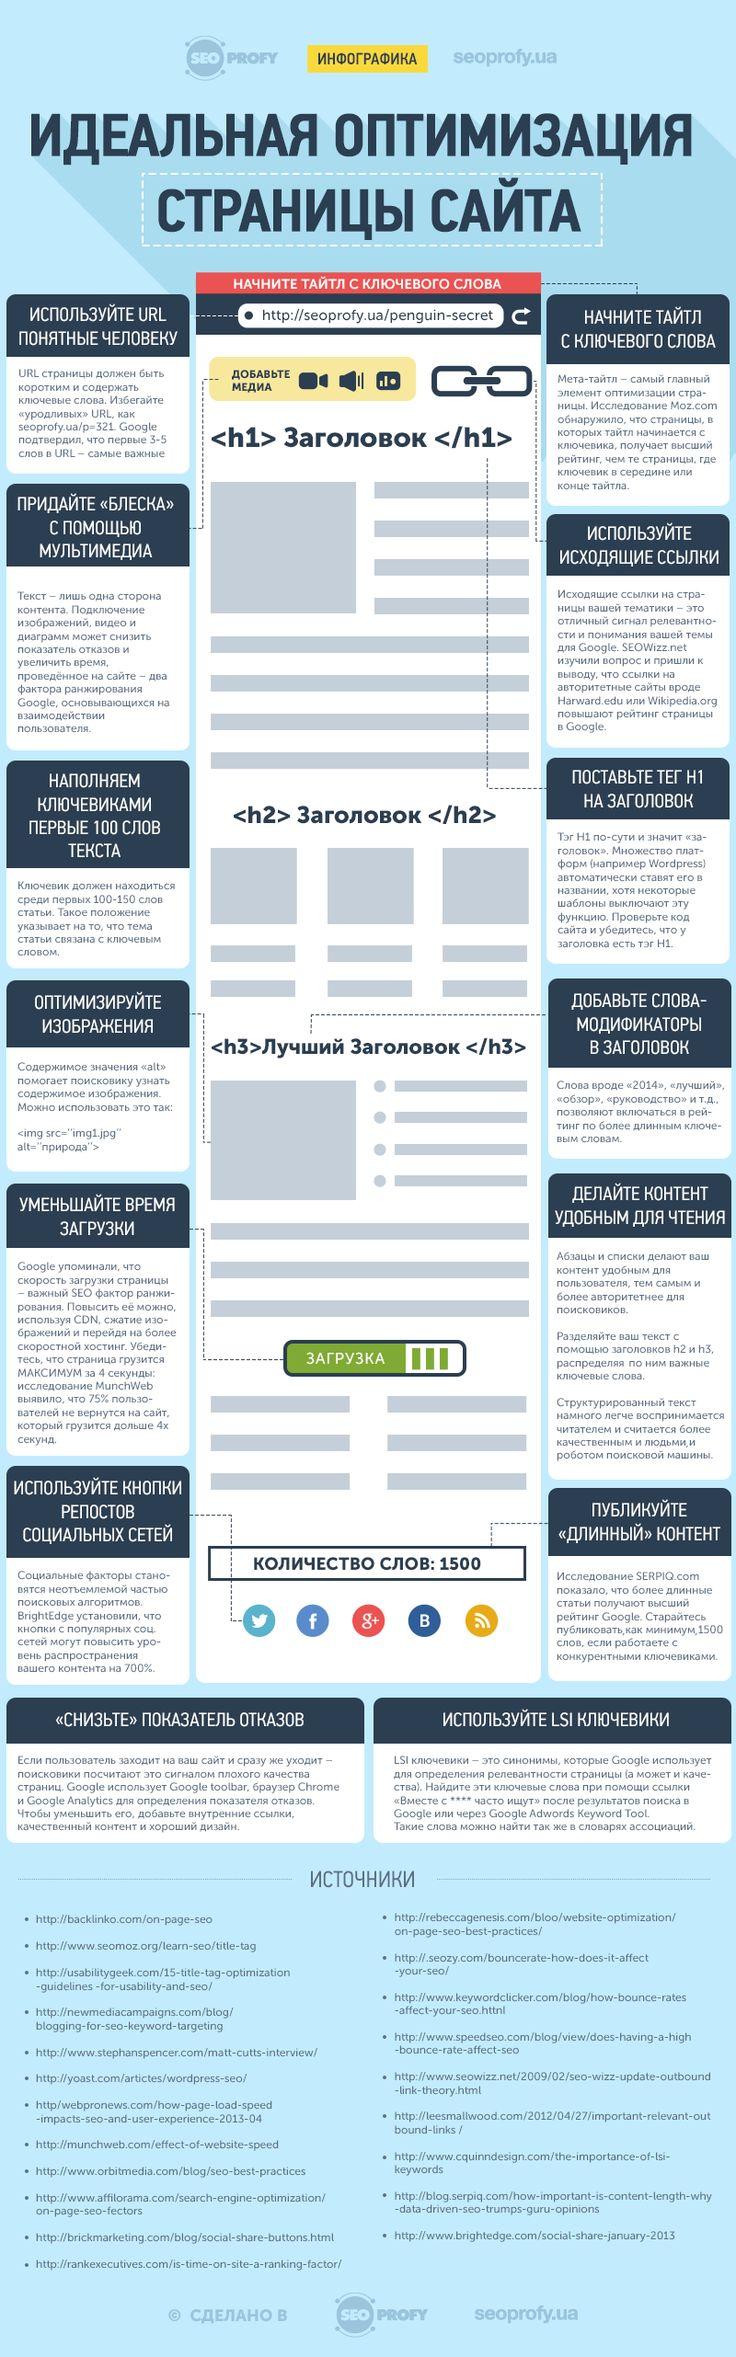 14 ключевых факторов оптимизации страницы